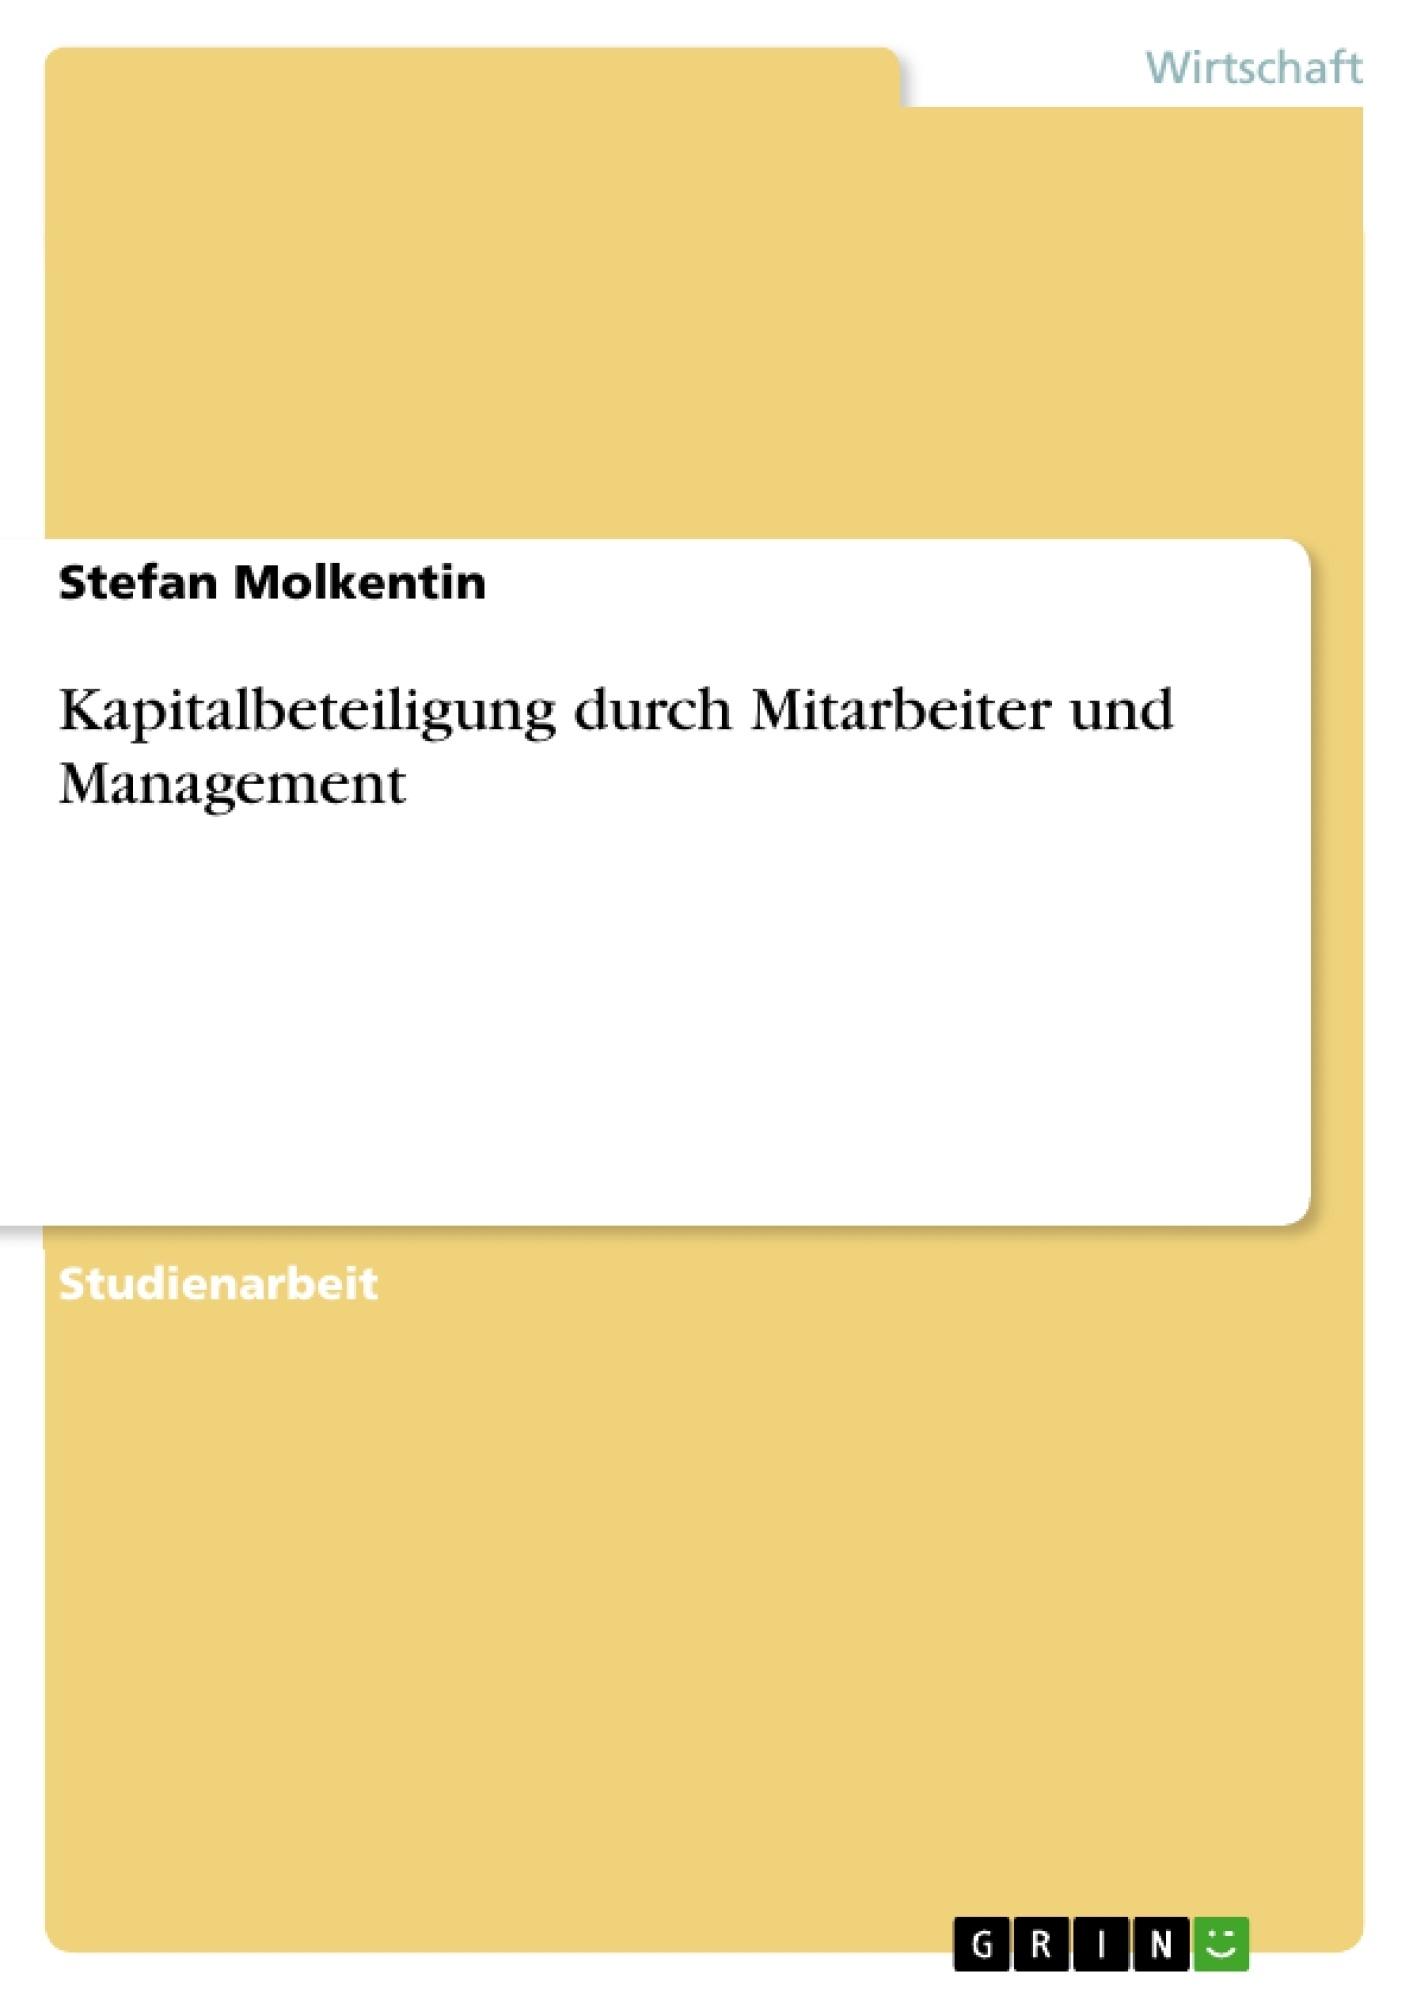 Titel: Kapitalbeteiligung durch Mitarbeiter und Management